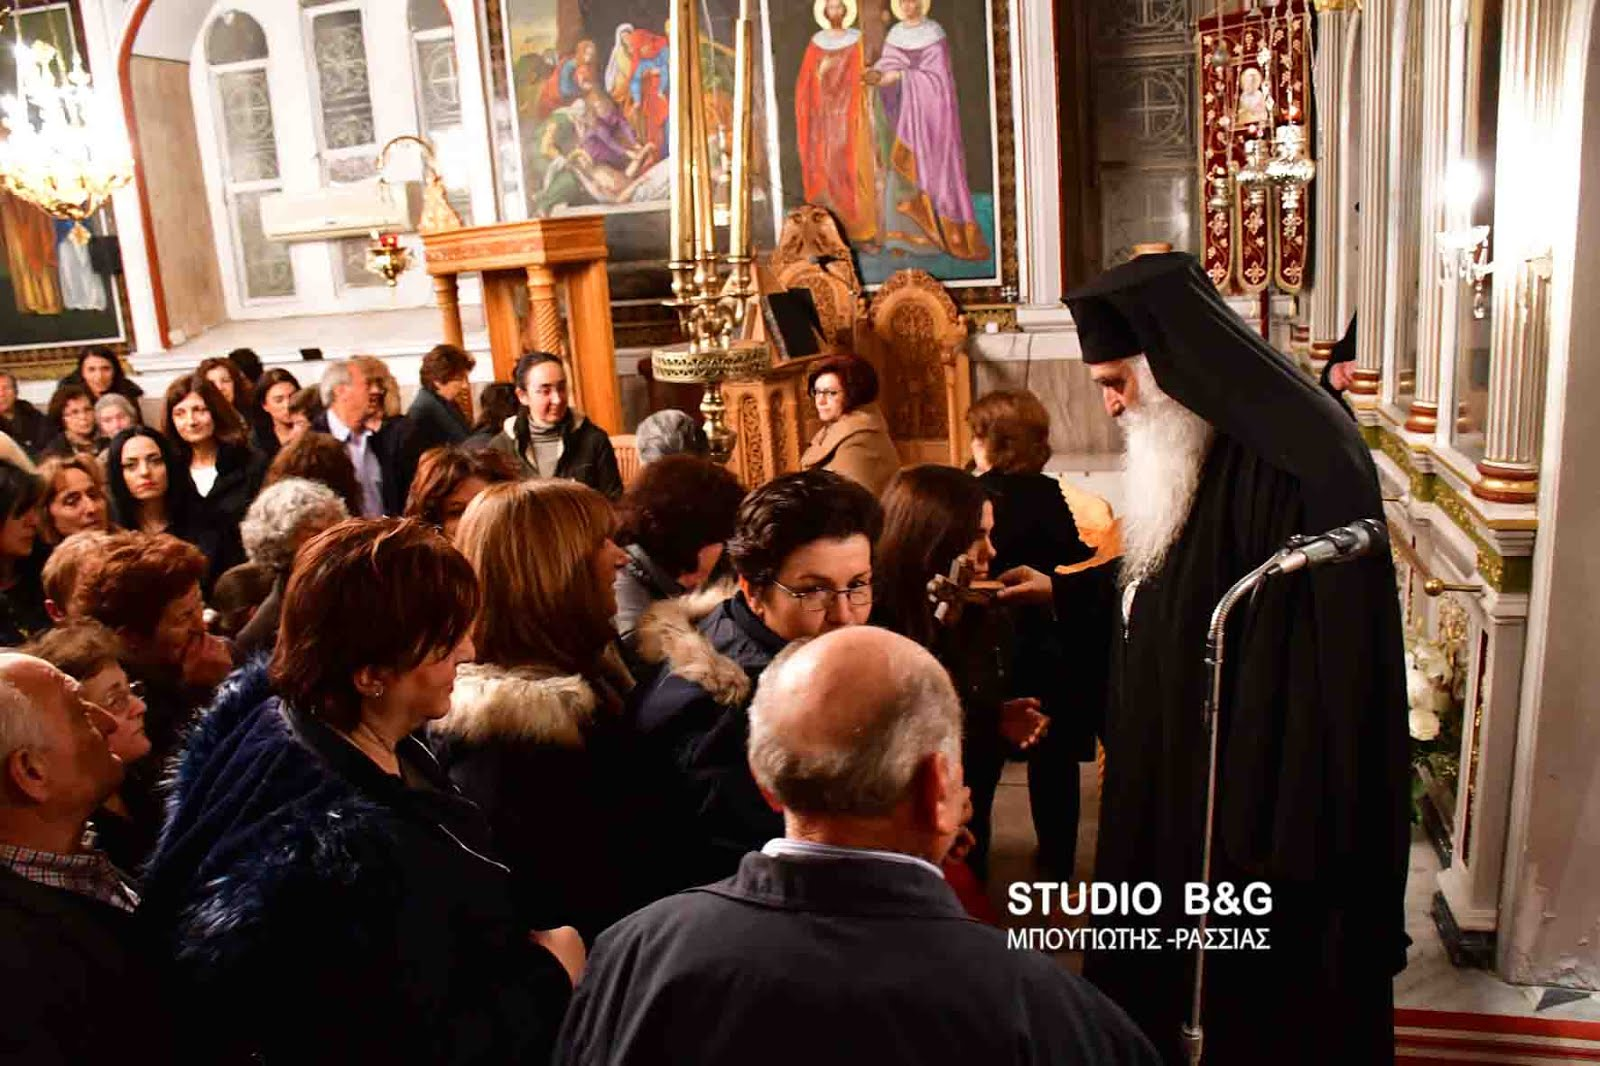 Ομιλία του Σιατίστης Παύλου στο Μαλαντρένι Αργολίδος